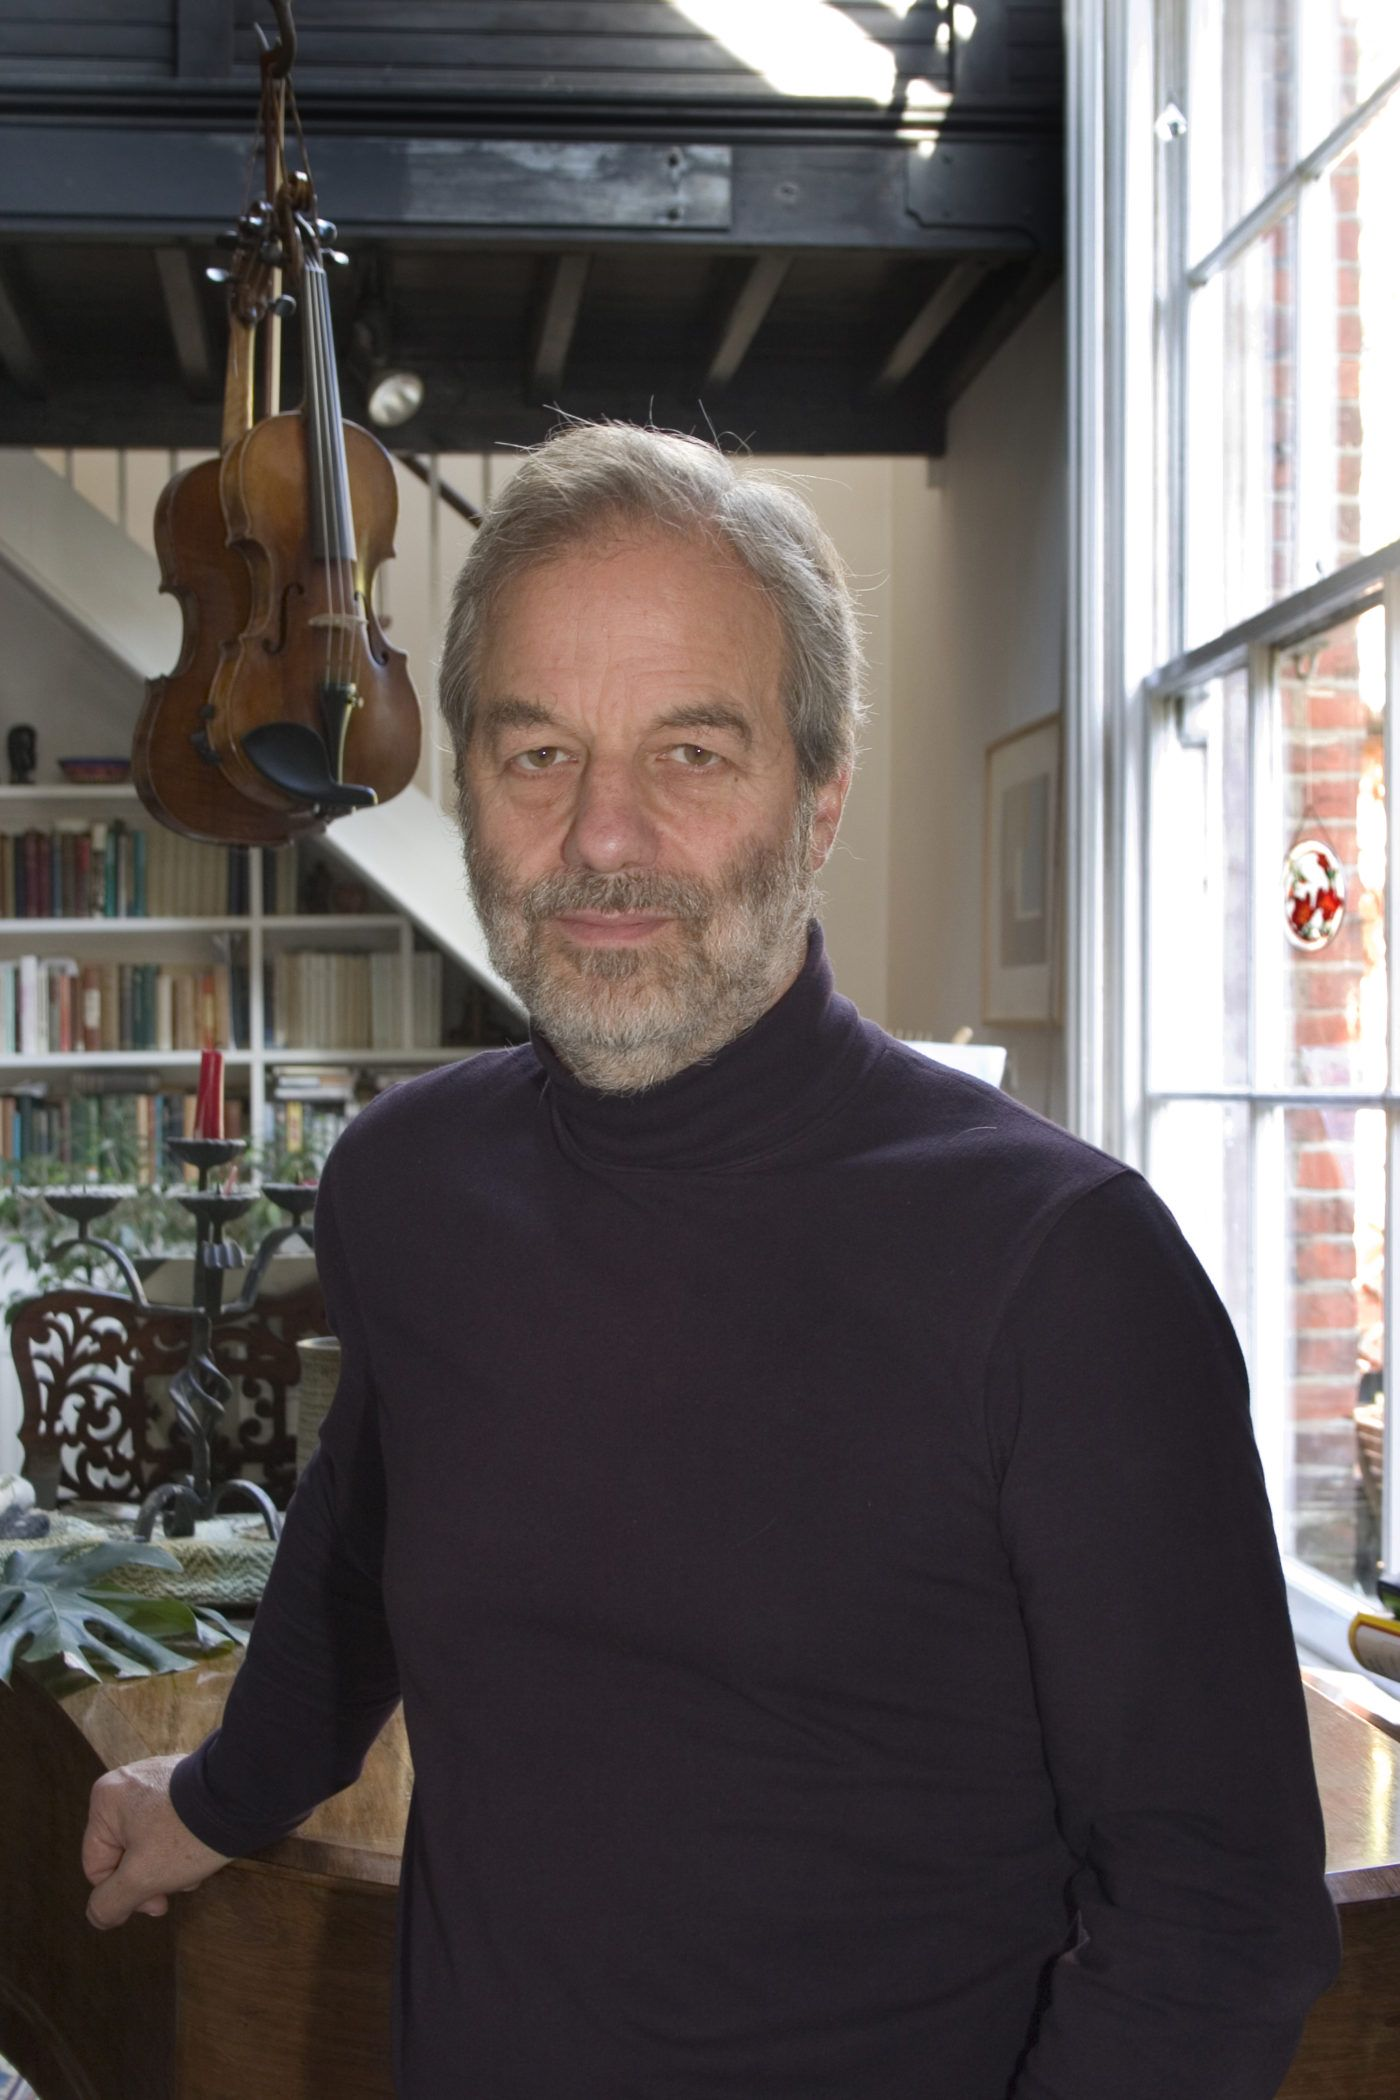 Jan Toporowski